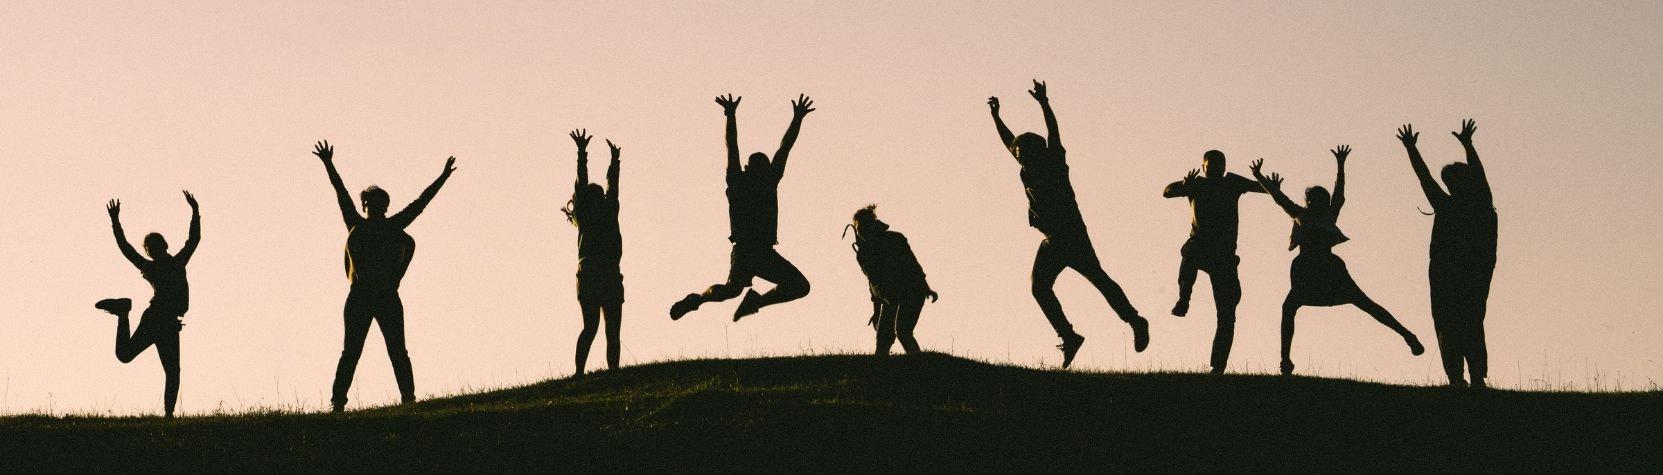 Vds training consultants blog lhoe je er voor zorgt dat samenwerken leuk blijft